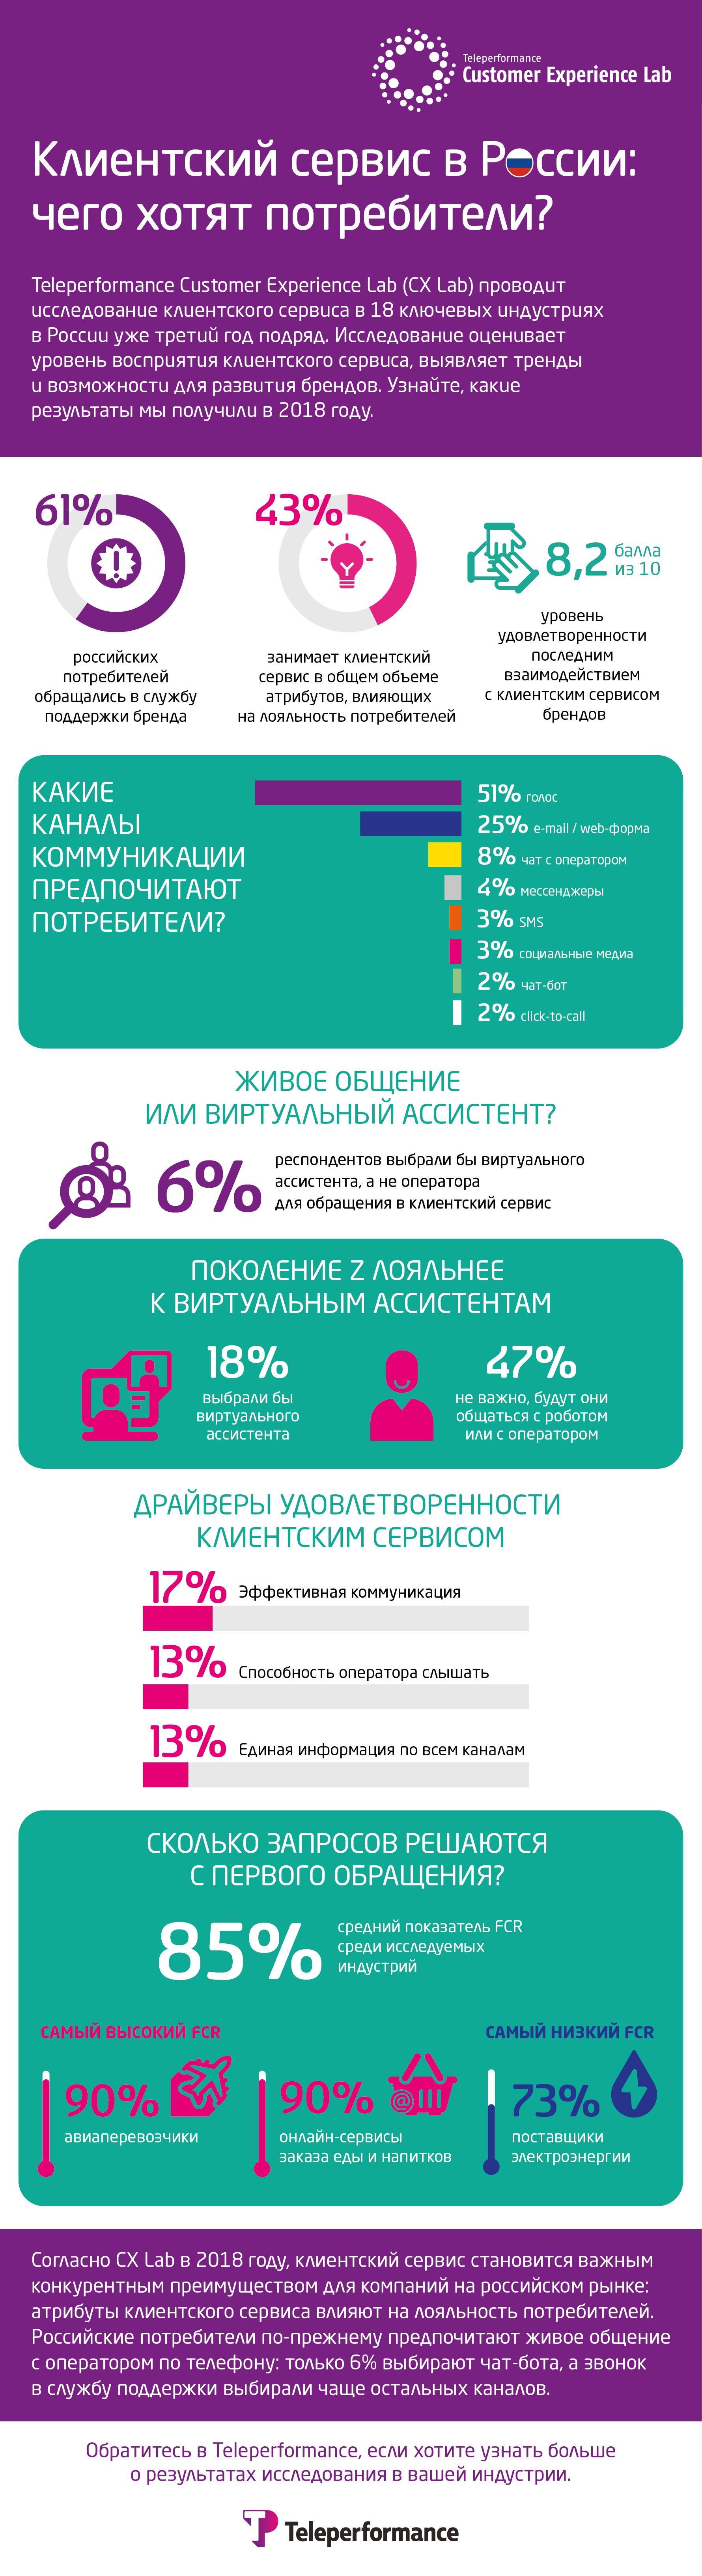 Клиентский сервис в России: чего хотят потребители?